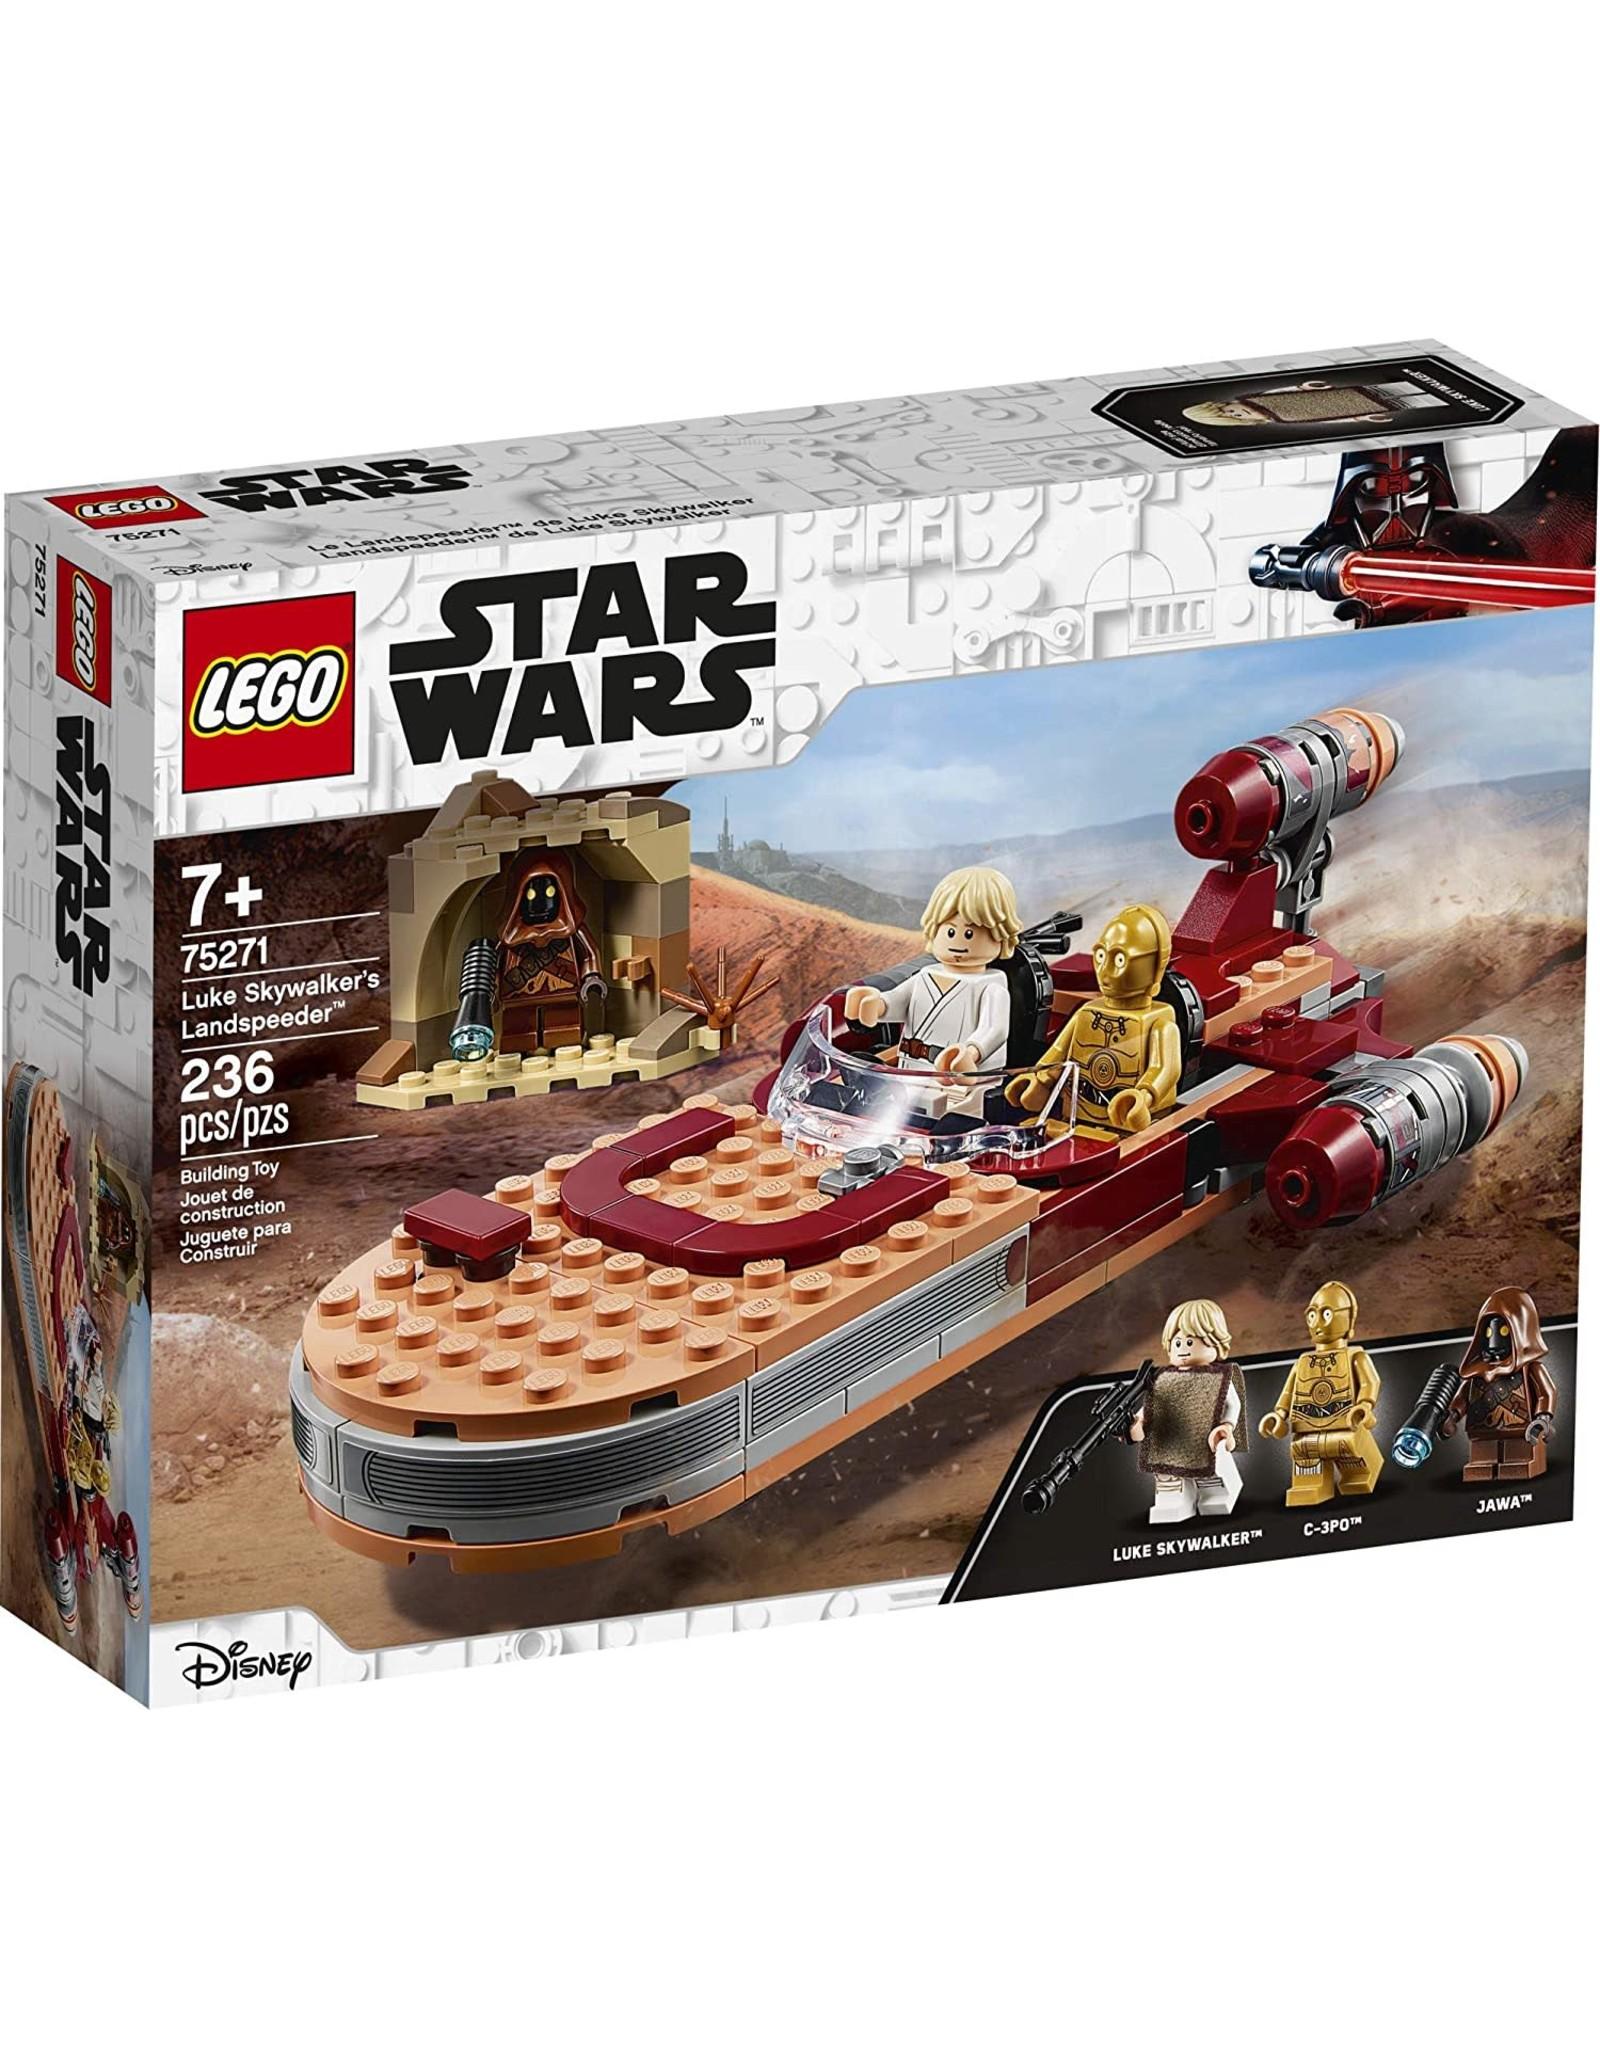 Lego Luke Skywalker's Landspeeder